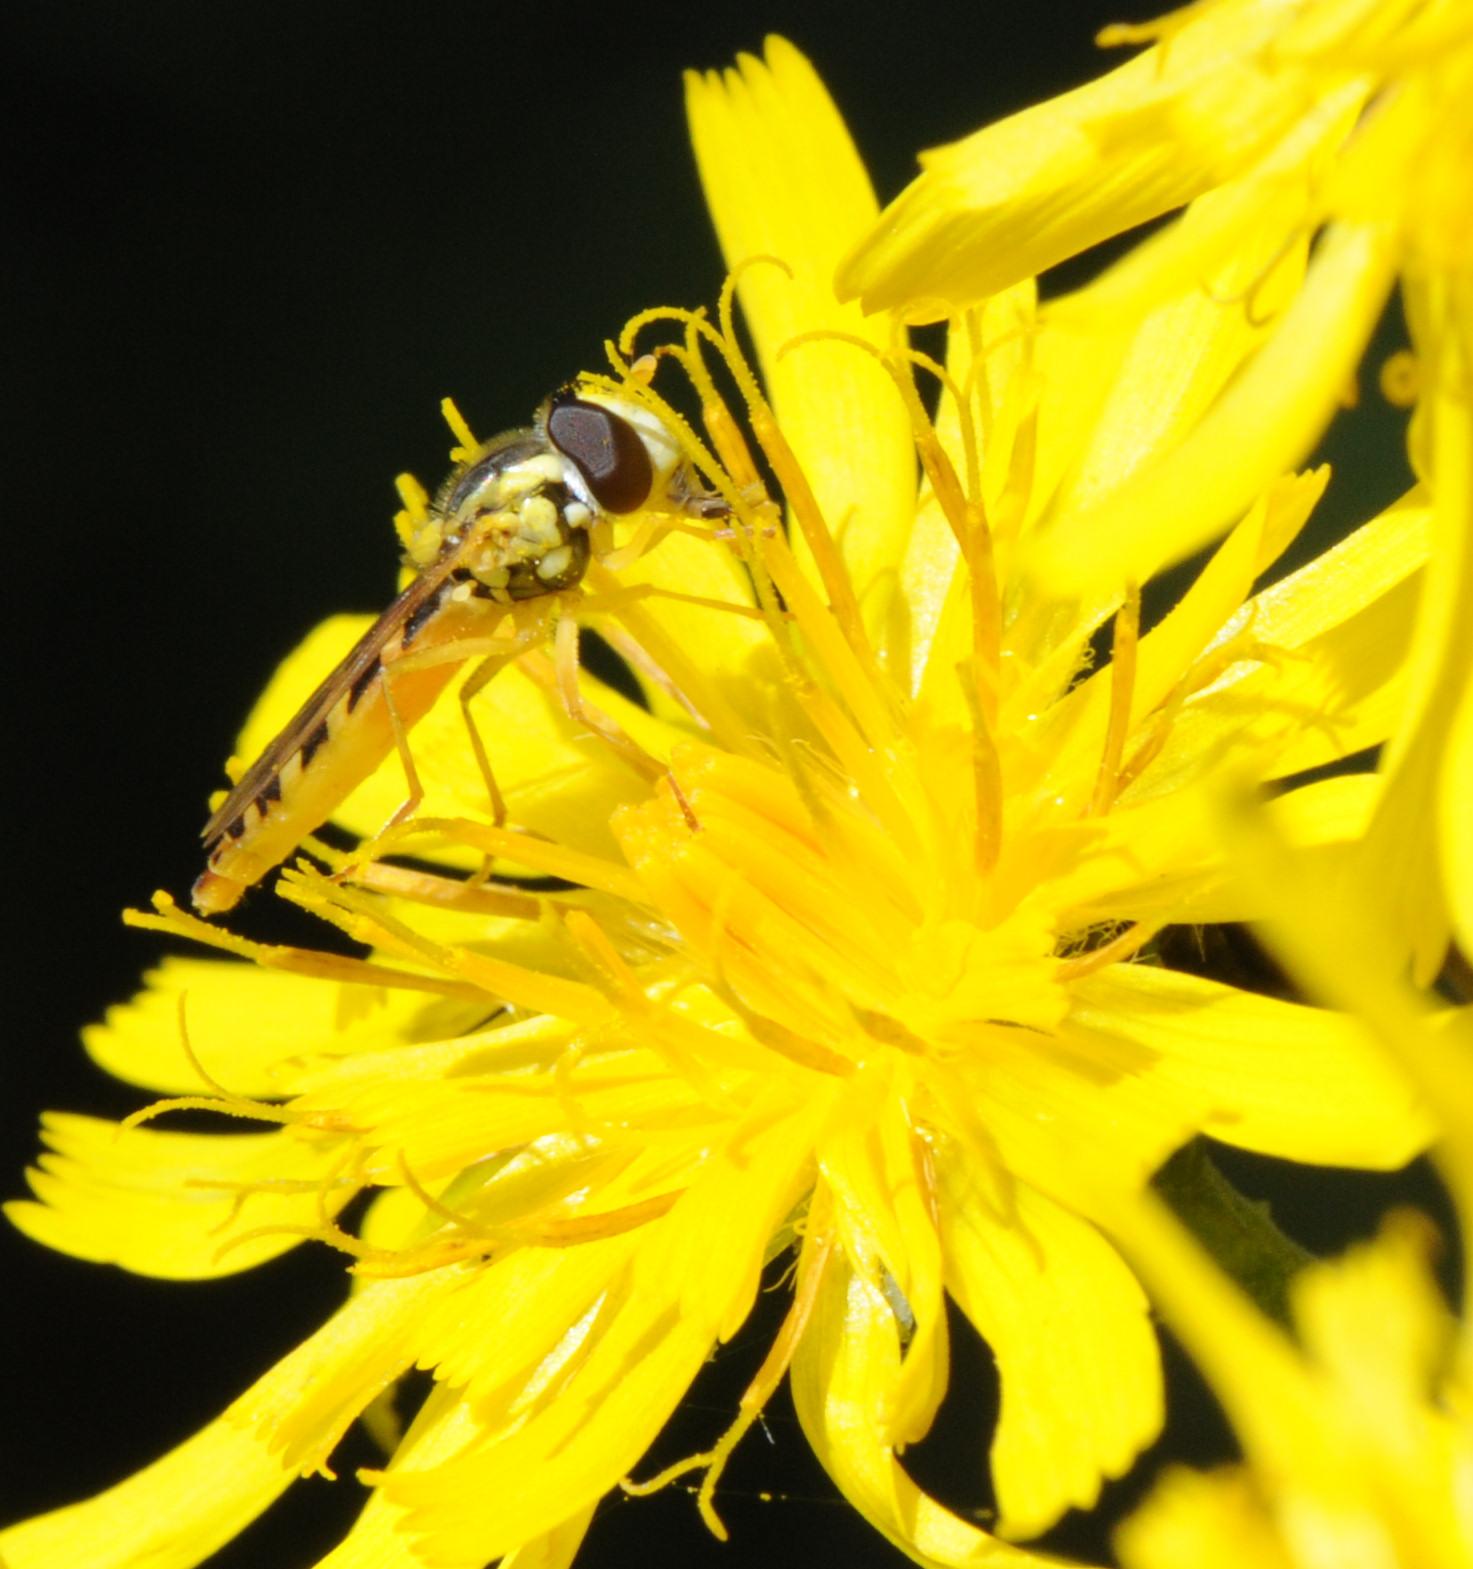 Blomsterflue (Sphaerophoria batava)